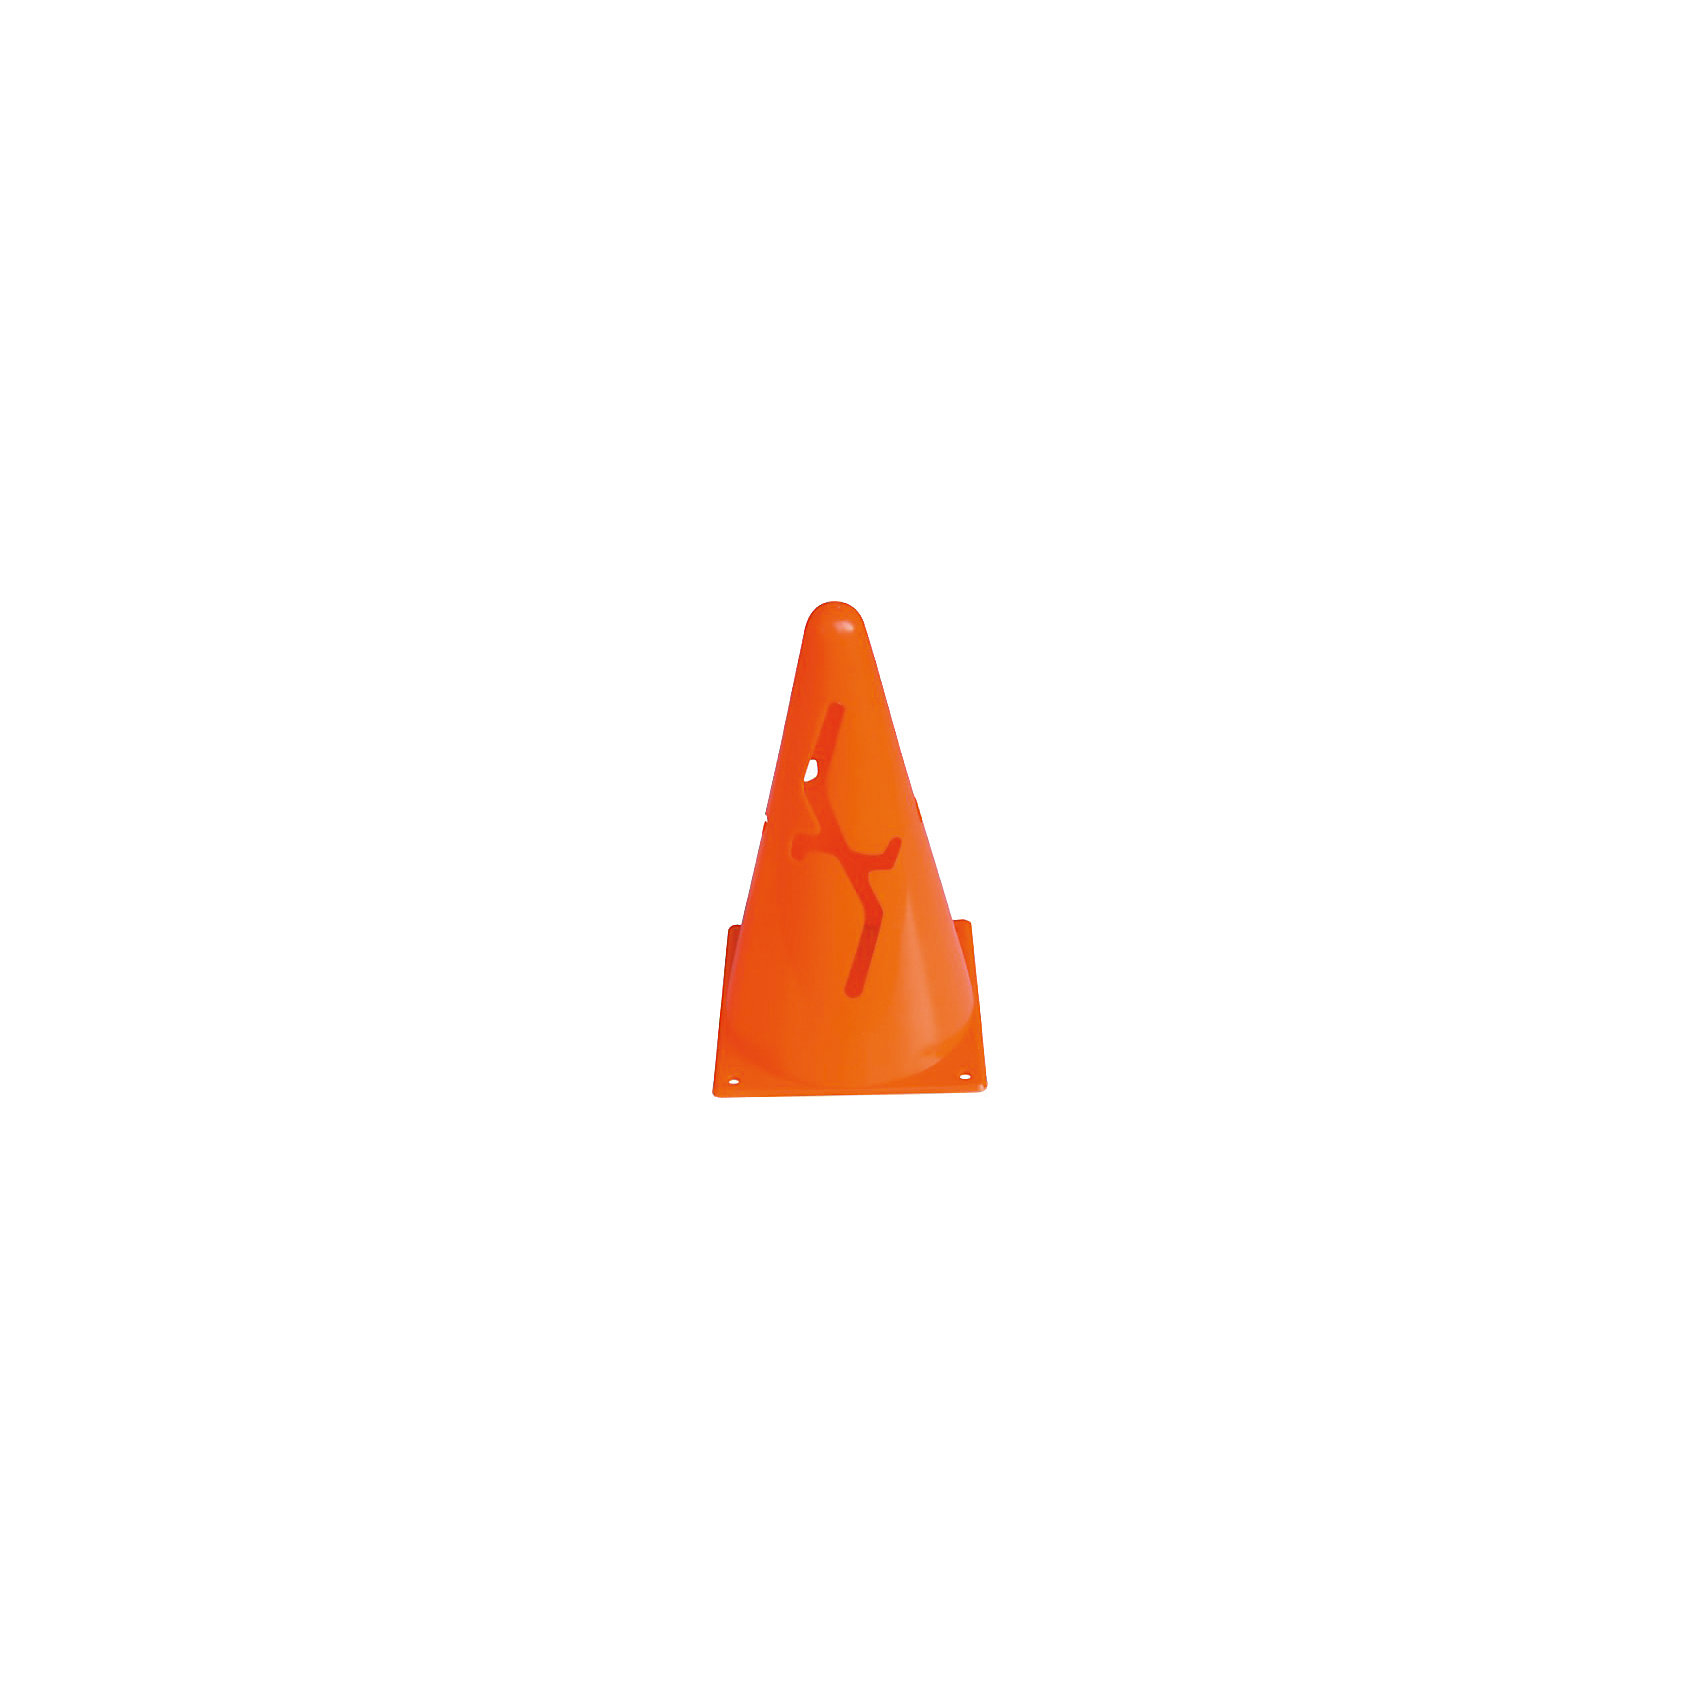 InSummer Конус оранжевый, InSummer игра винкс в каком магазине можно